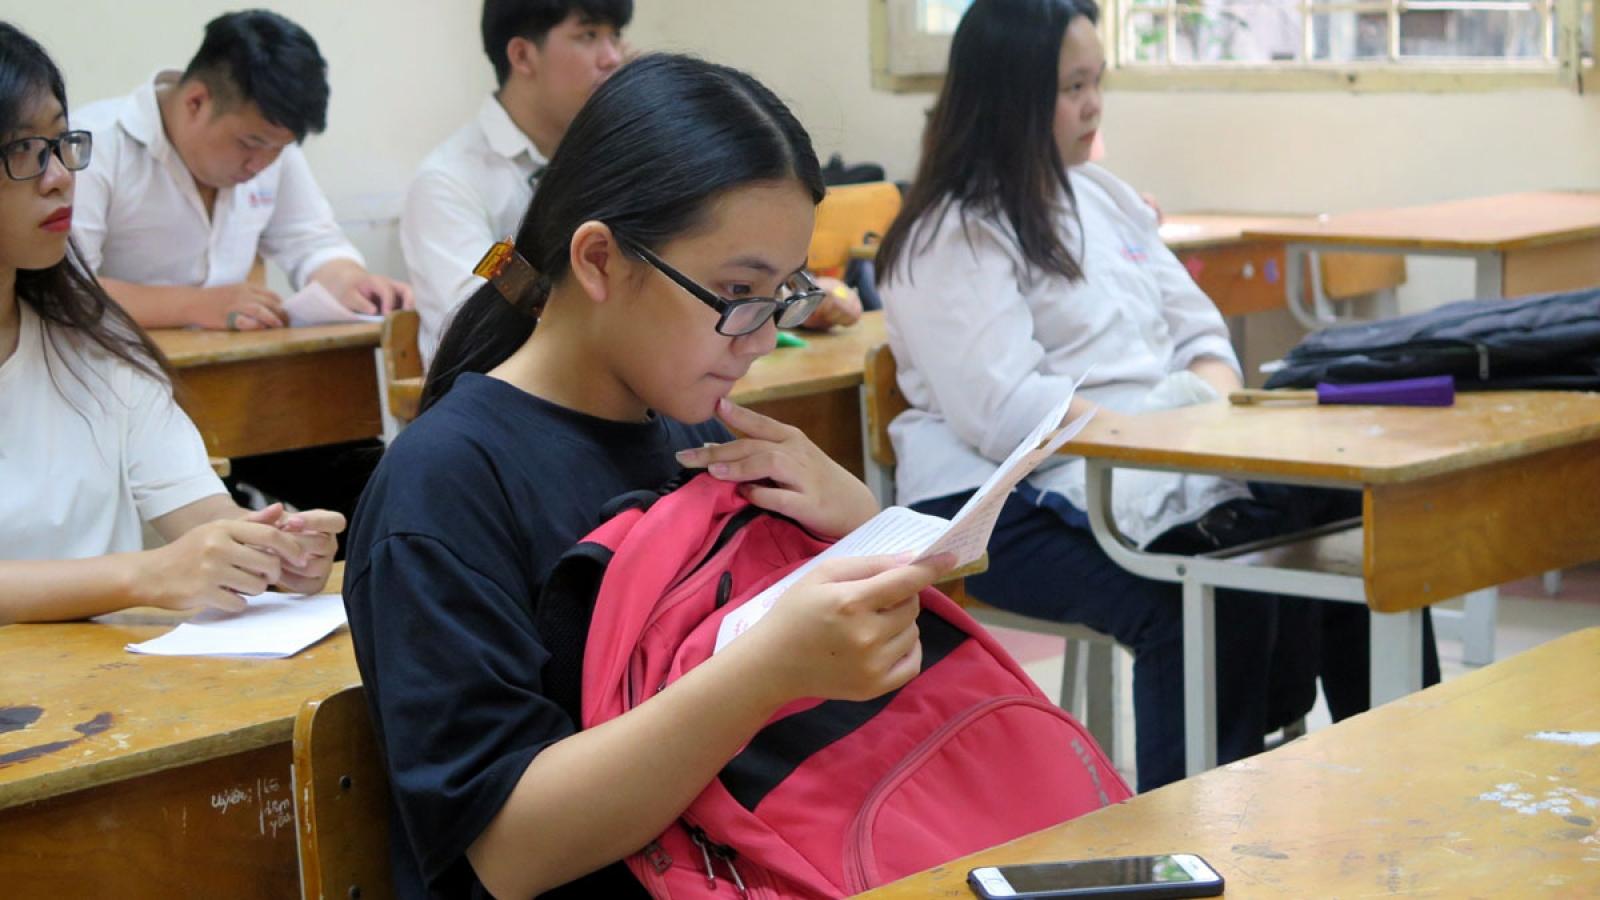 Trường THPT Chuyên KHTN ở Hà Nội hoãn thi vào lớp 10 do dịch Covid-19